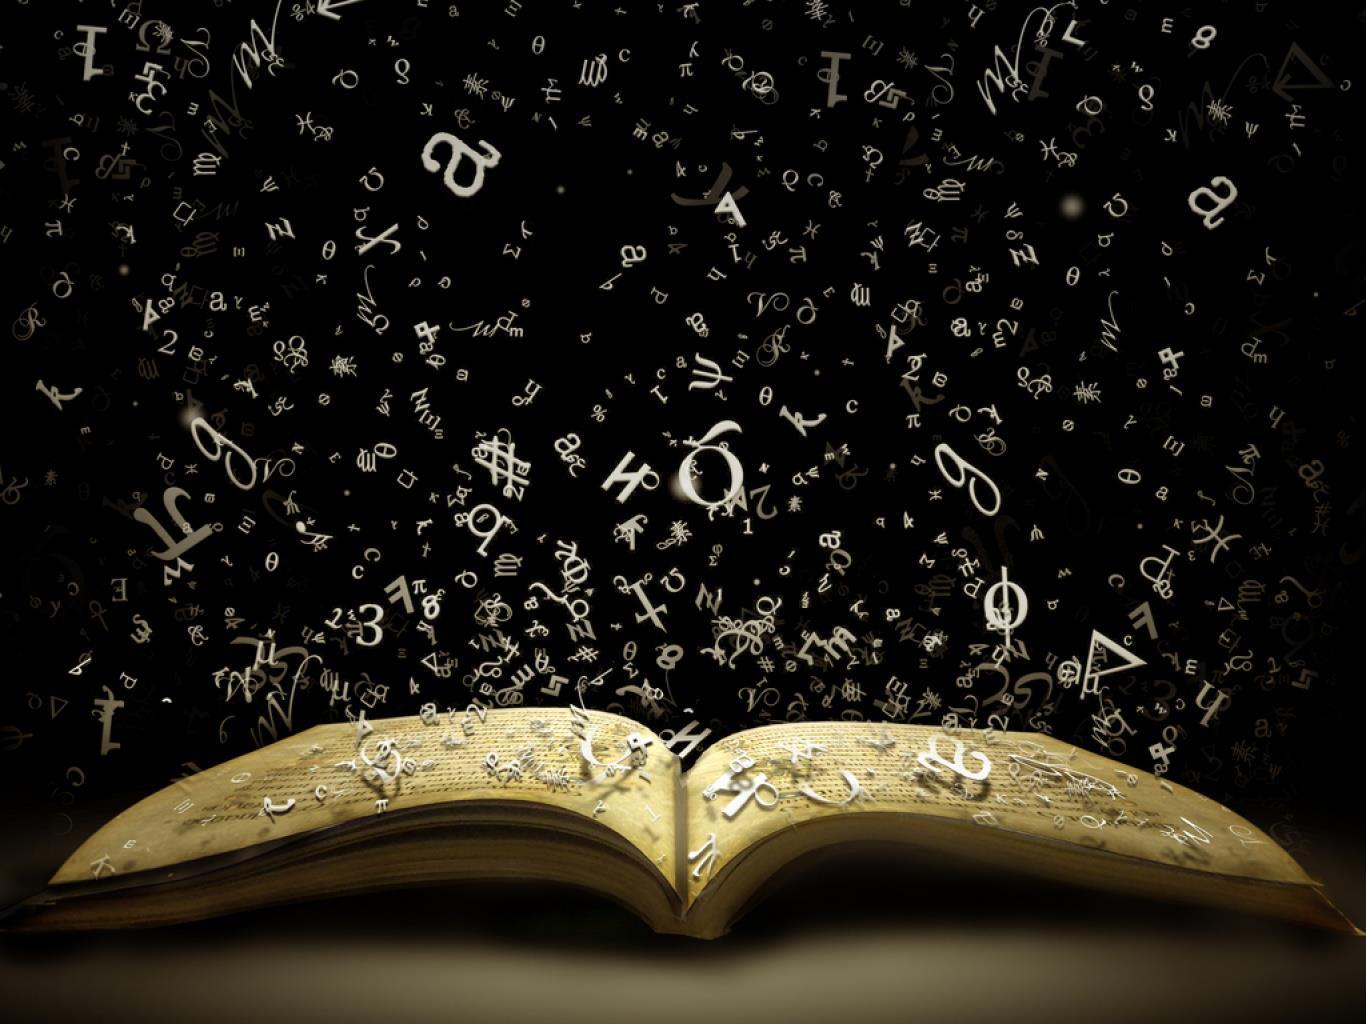 5 Libros que cualquier amante de la música debe leer - Radio Cantilo